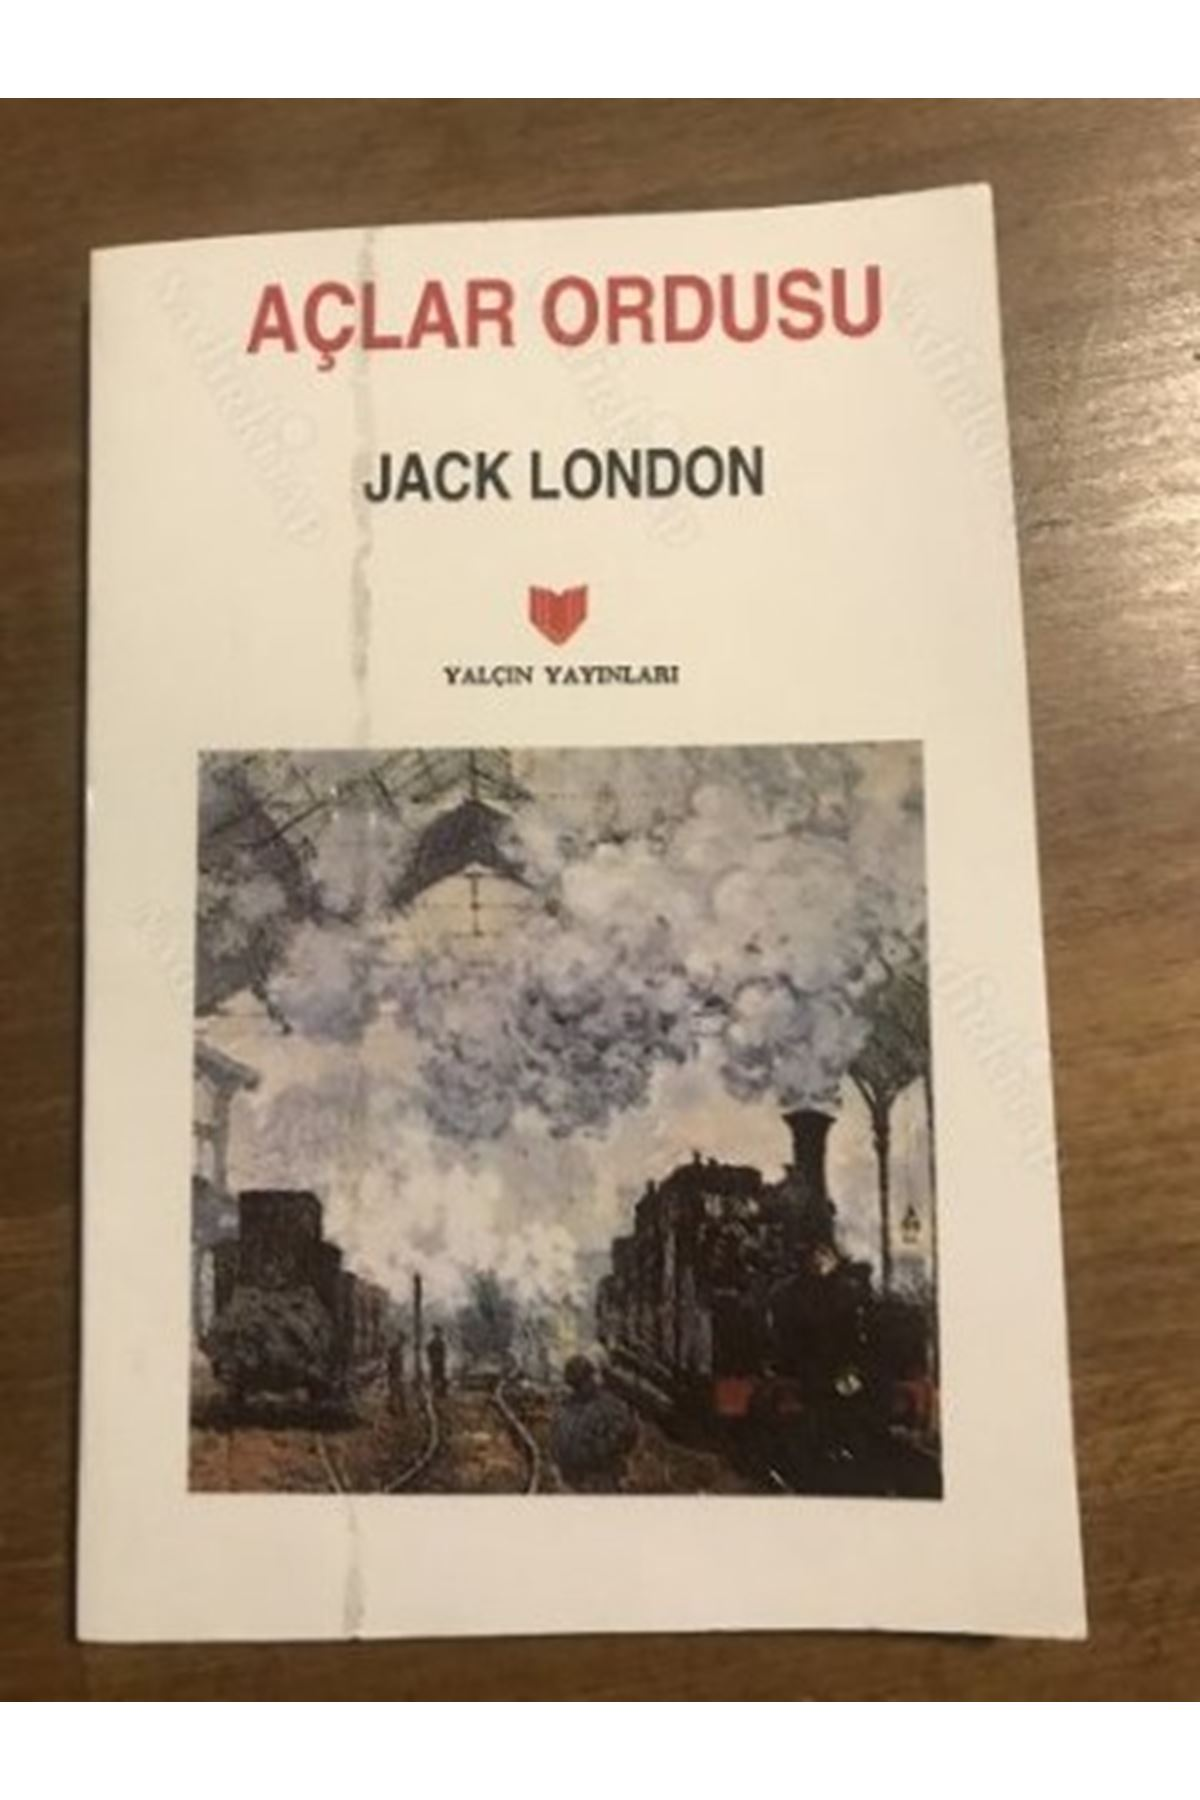 JACK LONDON - AÇLAR ORDUSU